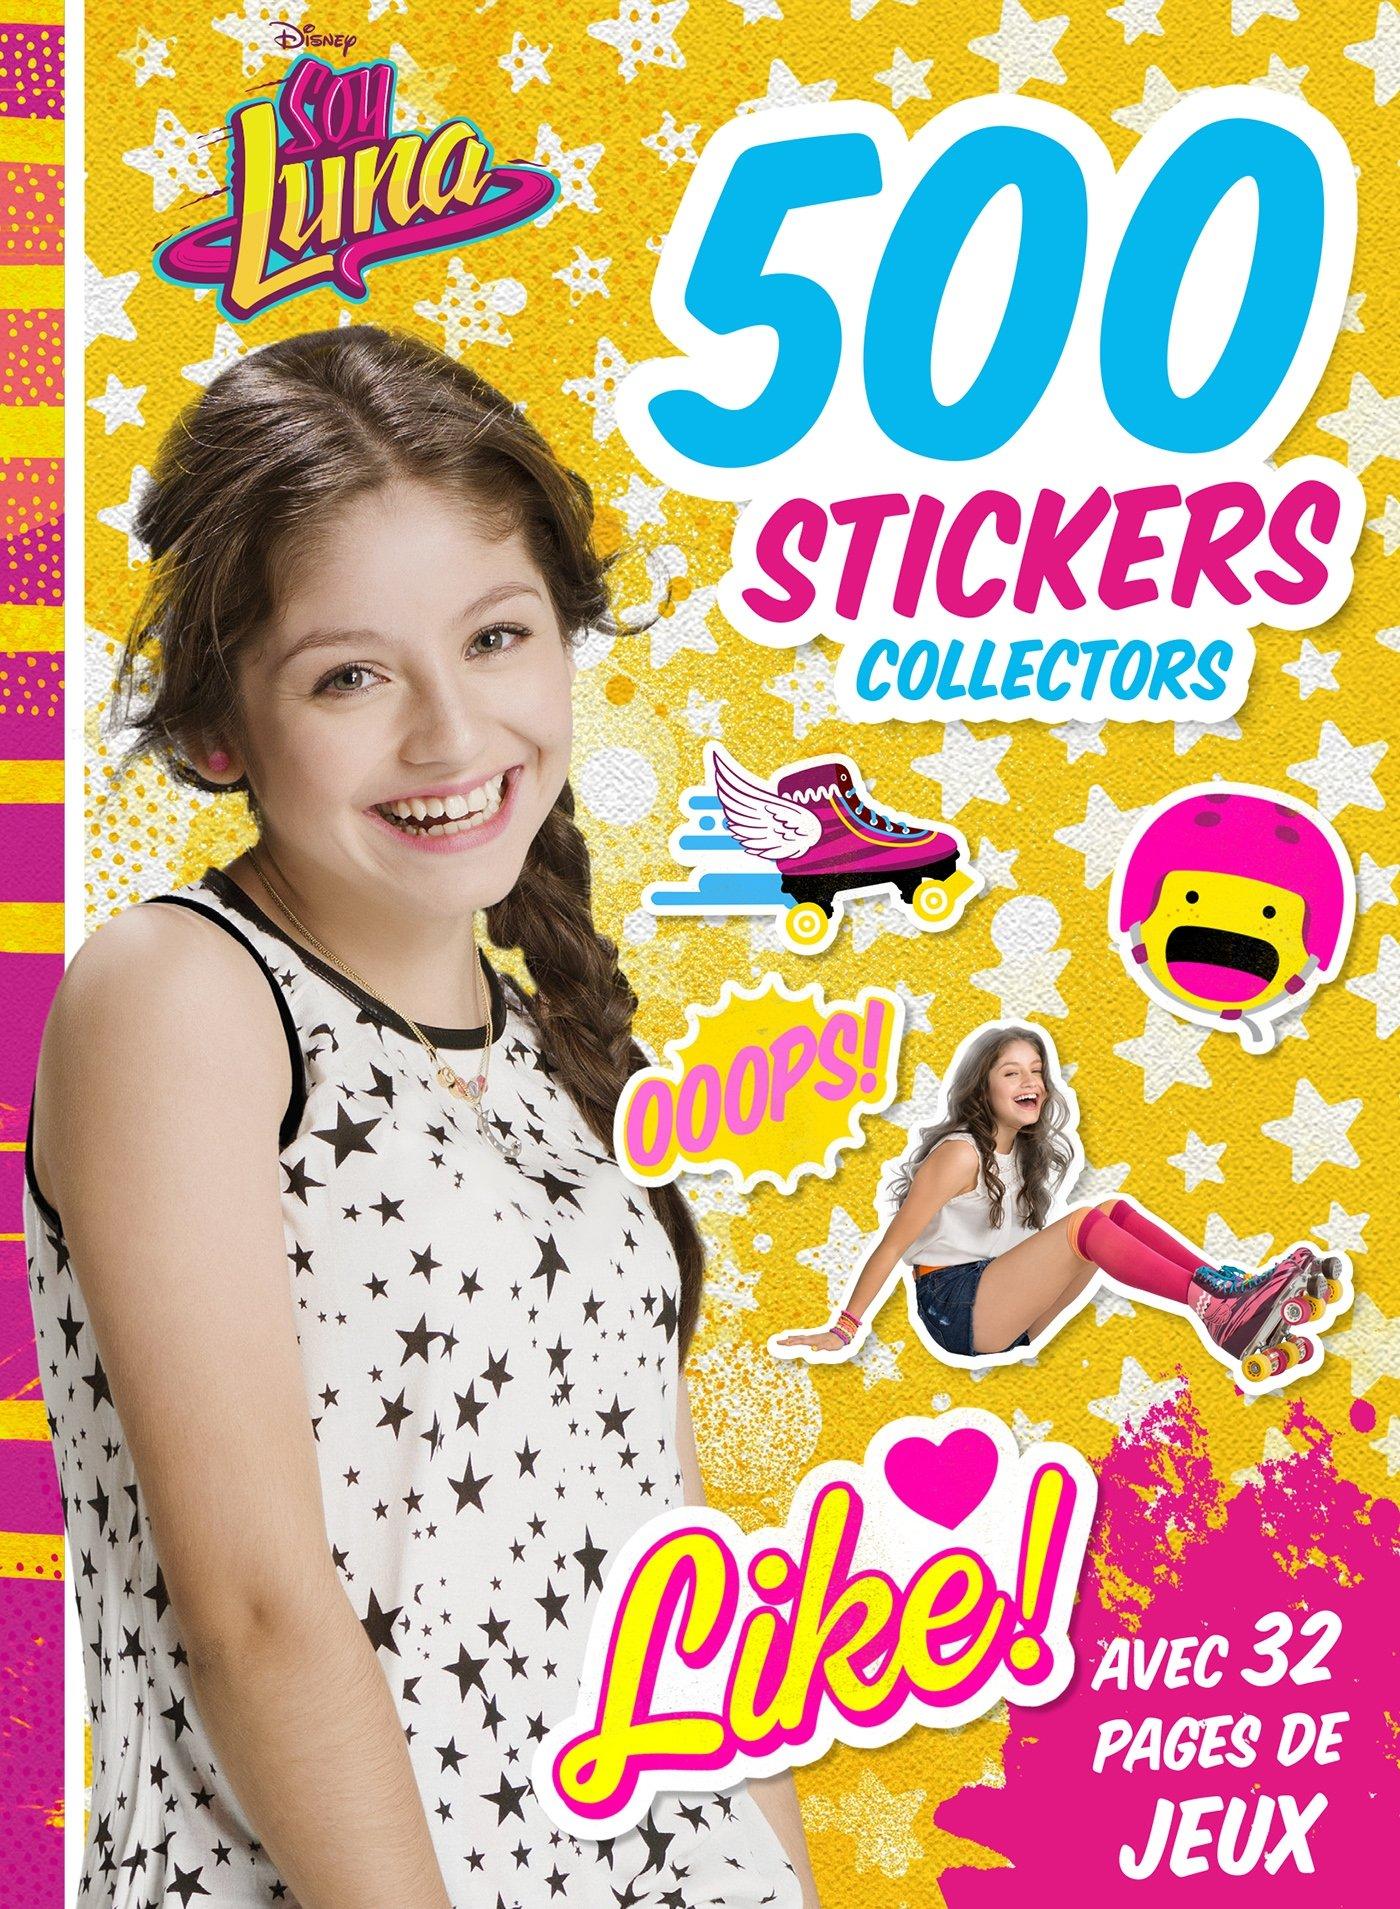 500 stickers collectors Soy Luna : Avec 32 pages de jeux